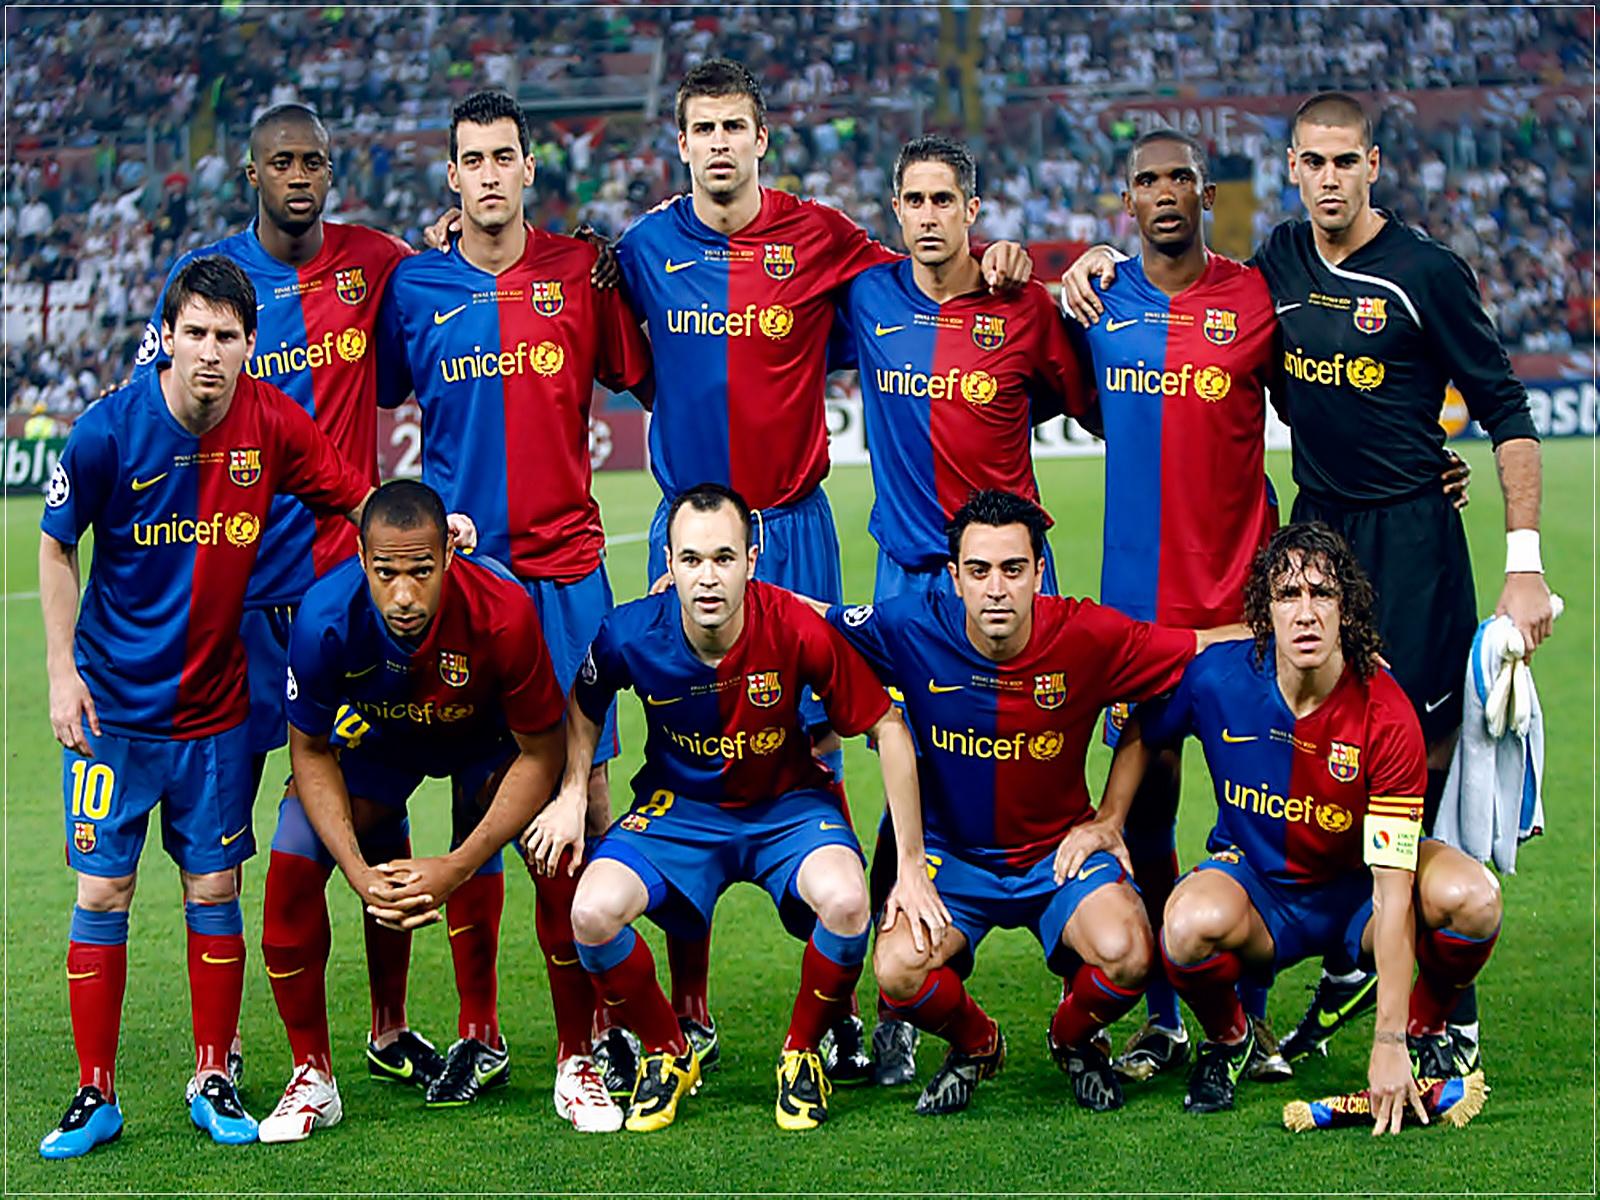 http://2.bp.blogspot.com/-93iklzOOX0o/TmjjNoyGwvI/AAAAAAAAADM/awLOOjbvK9M/s1600/FC_Barcelona_1600.jpg